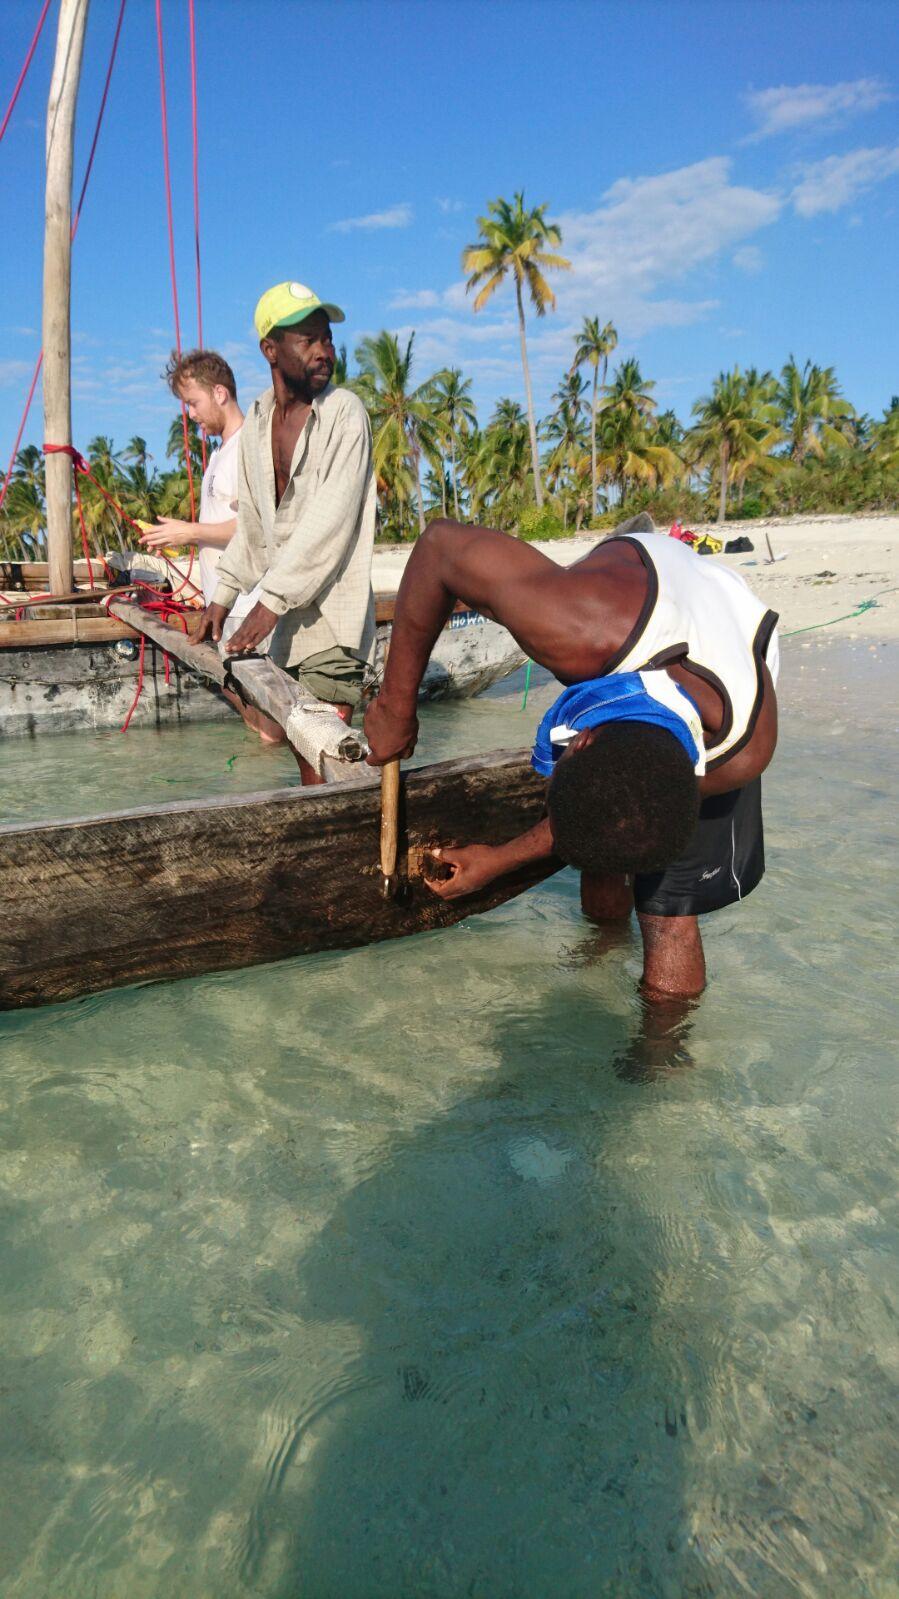 Boat repairs, men on hand